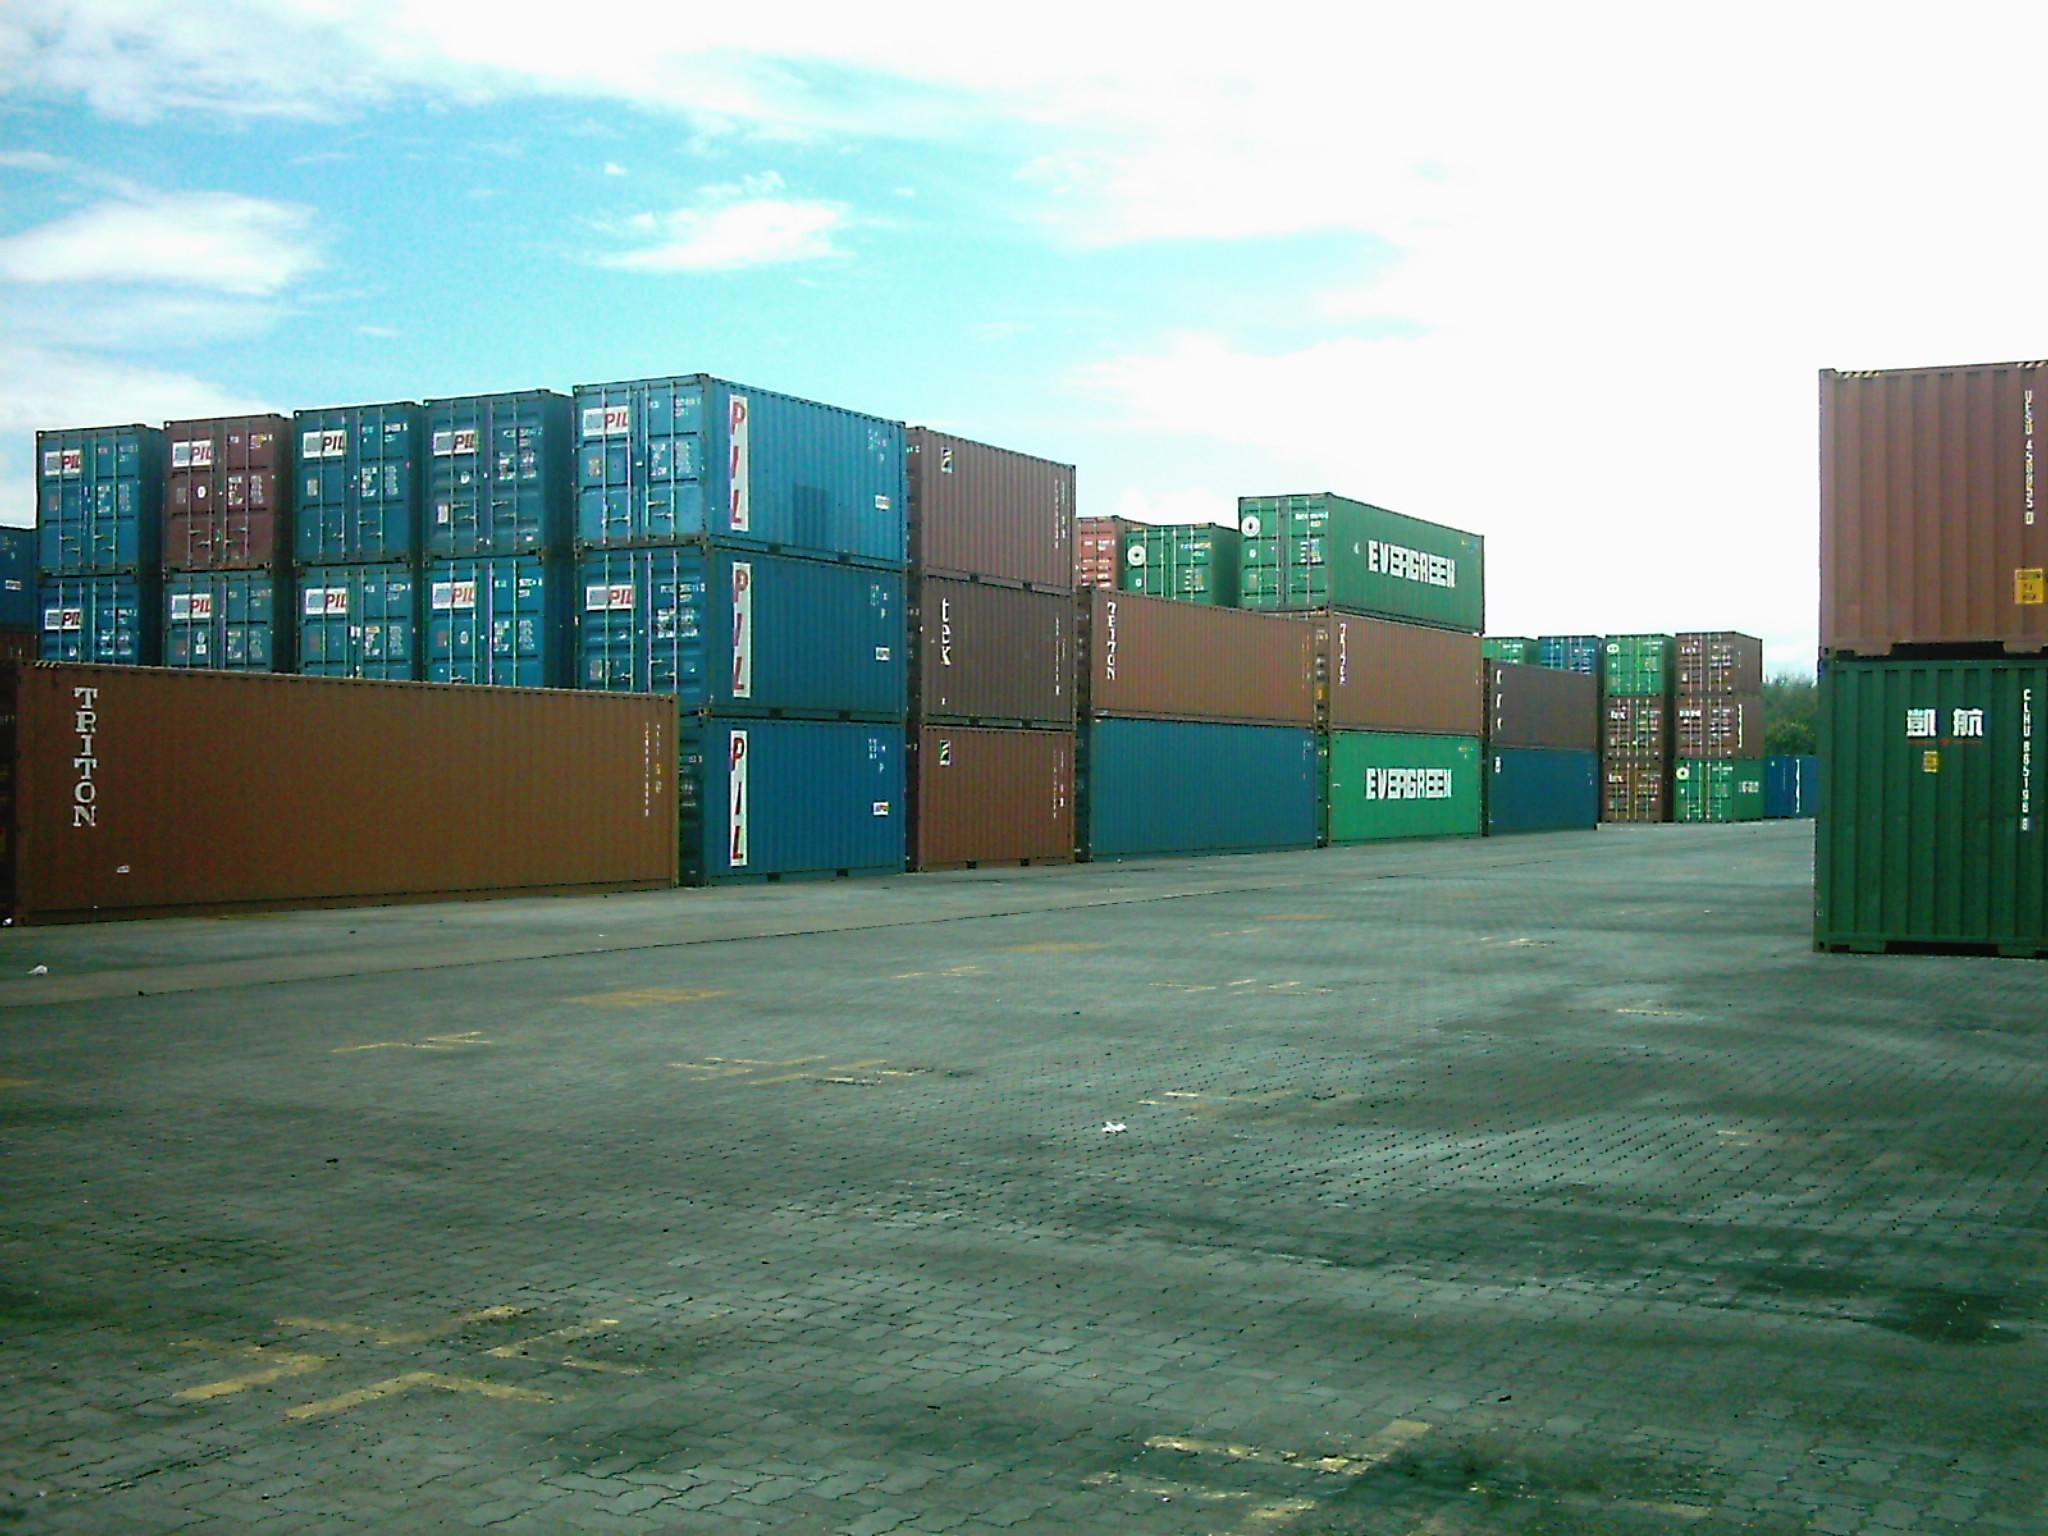 File:Kuantan Port Container Yard (View 2).JPG